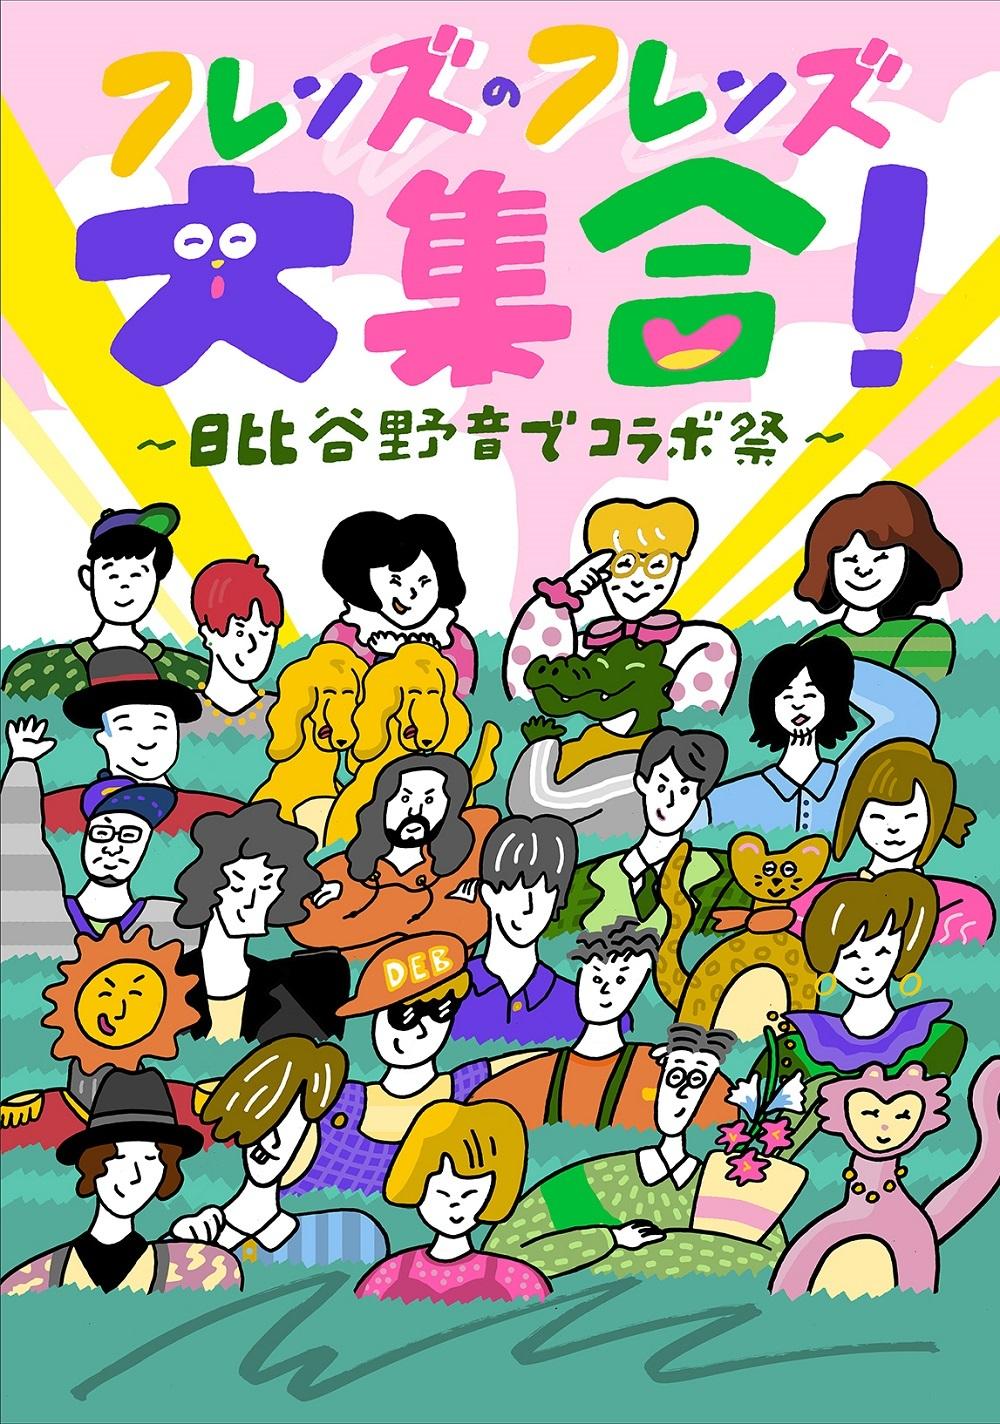 『フレンズのフレンズ大集合!〜日比谷野音でコラボ祭〜』